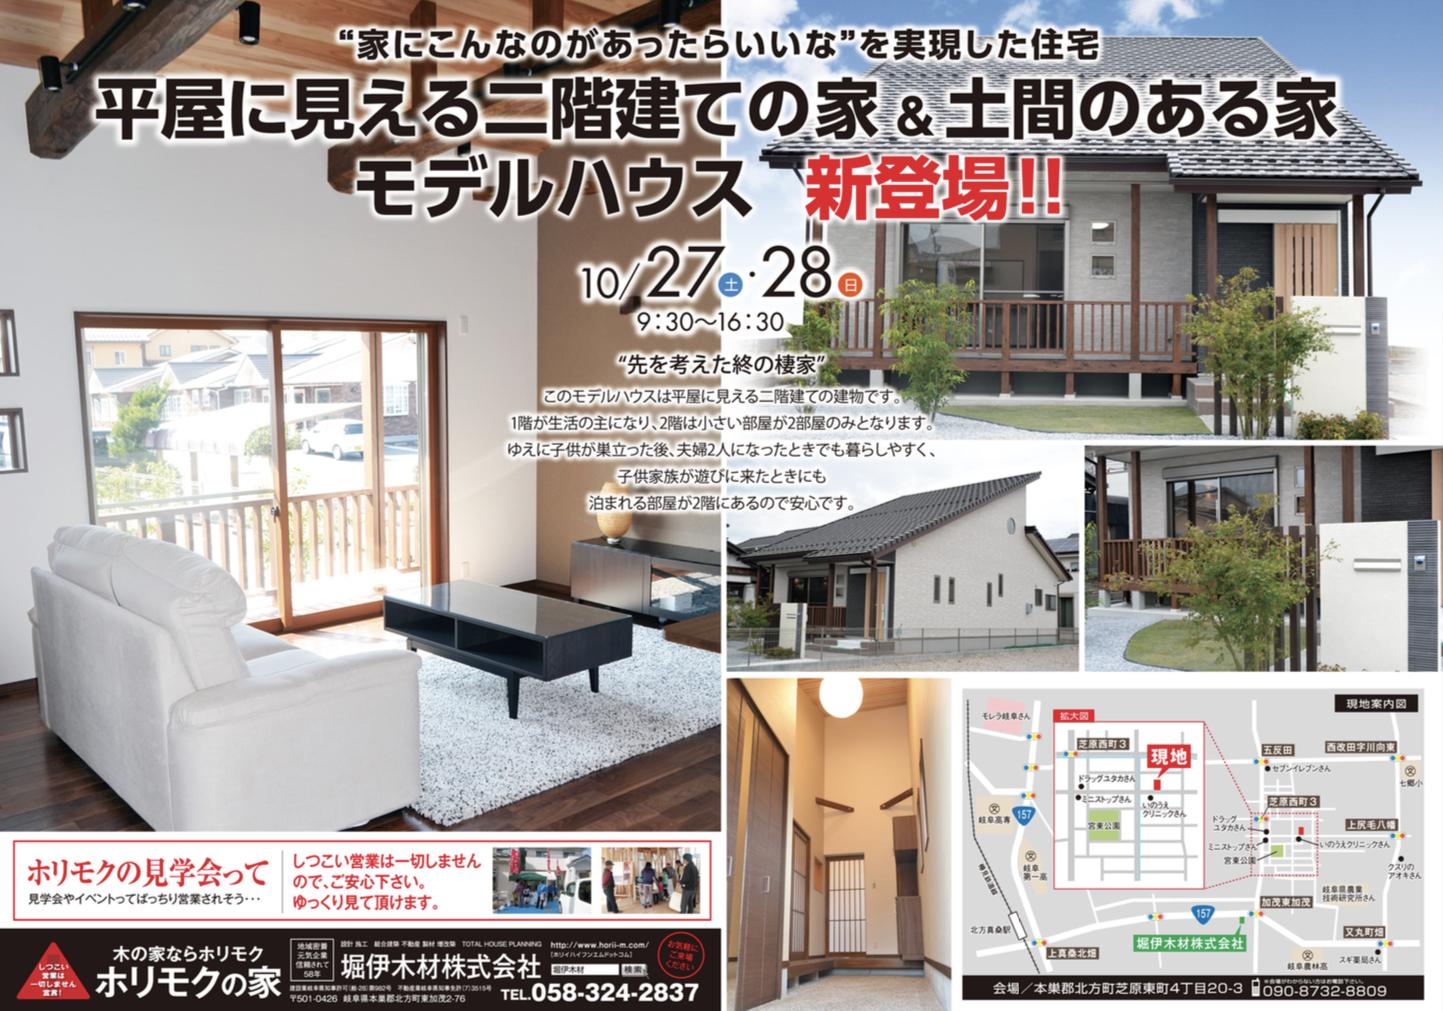 【終了】10月27日(土)・28日(日)芝原モデルハウス見学会